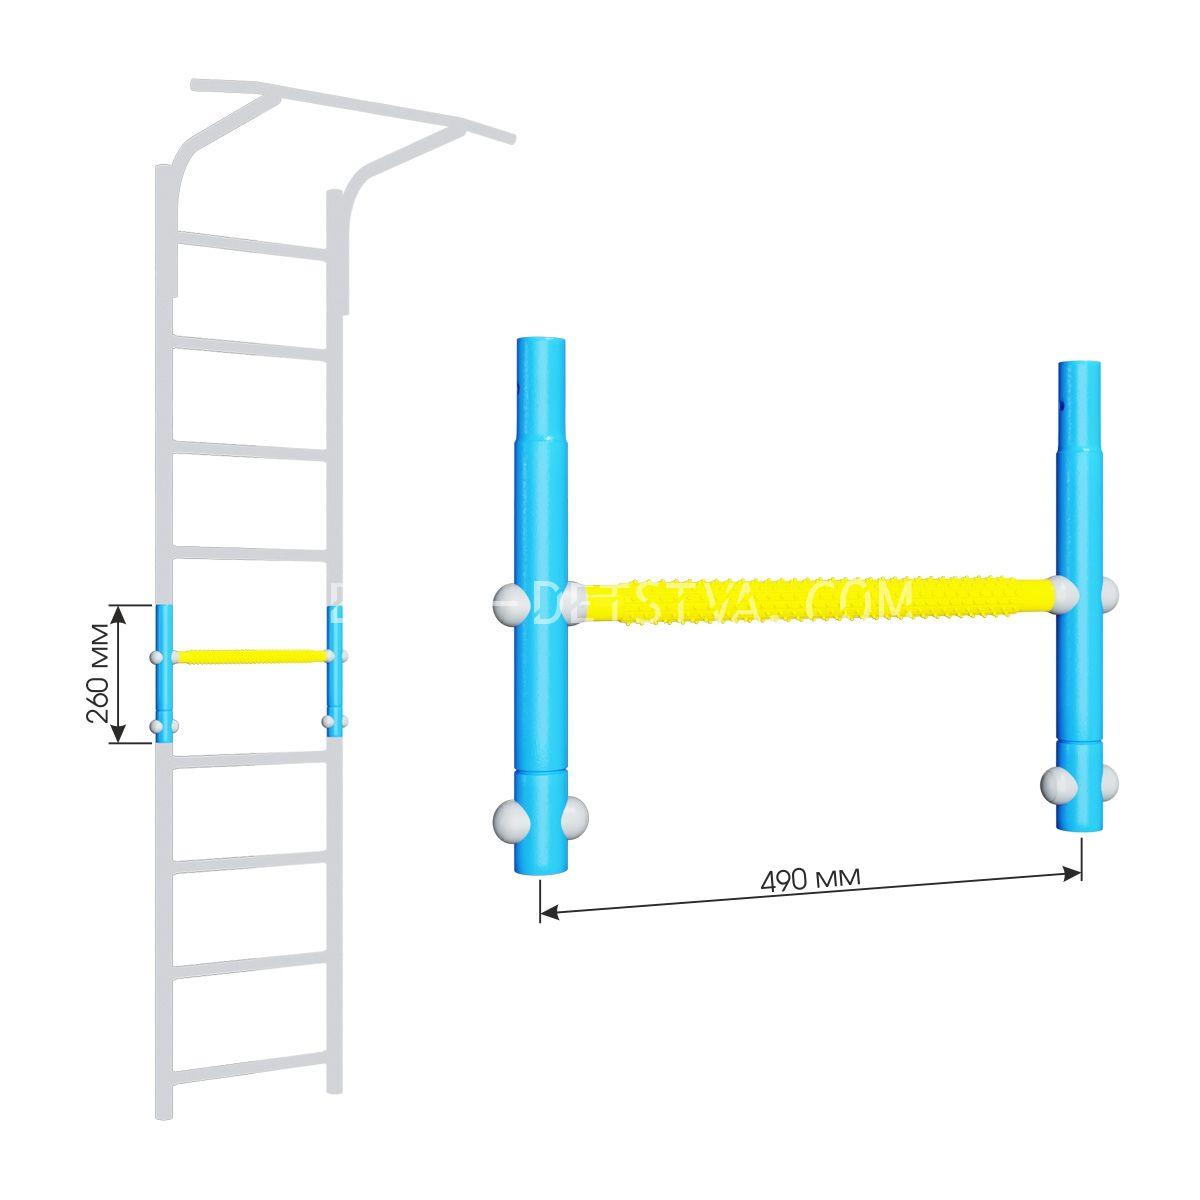 Вставка для увеличения высоты ДСКМ 490 Romana Dop9 (6.06.01)